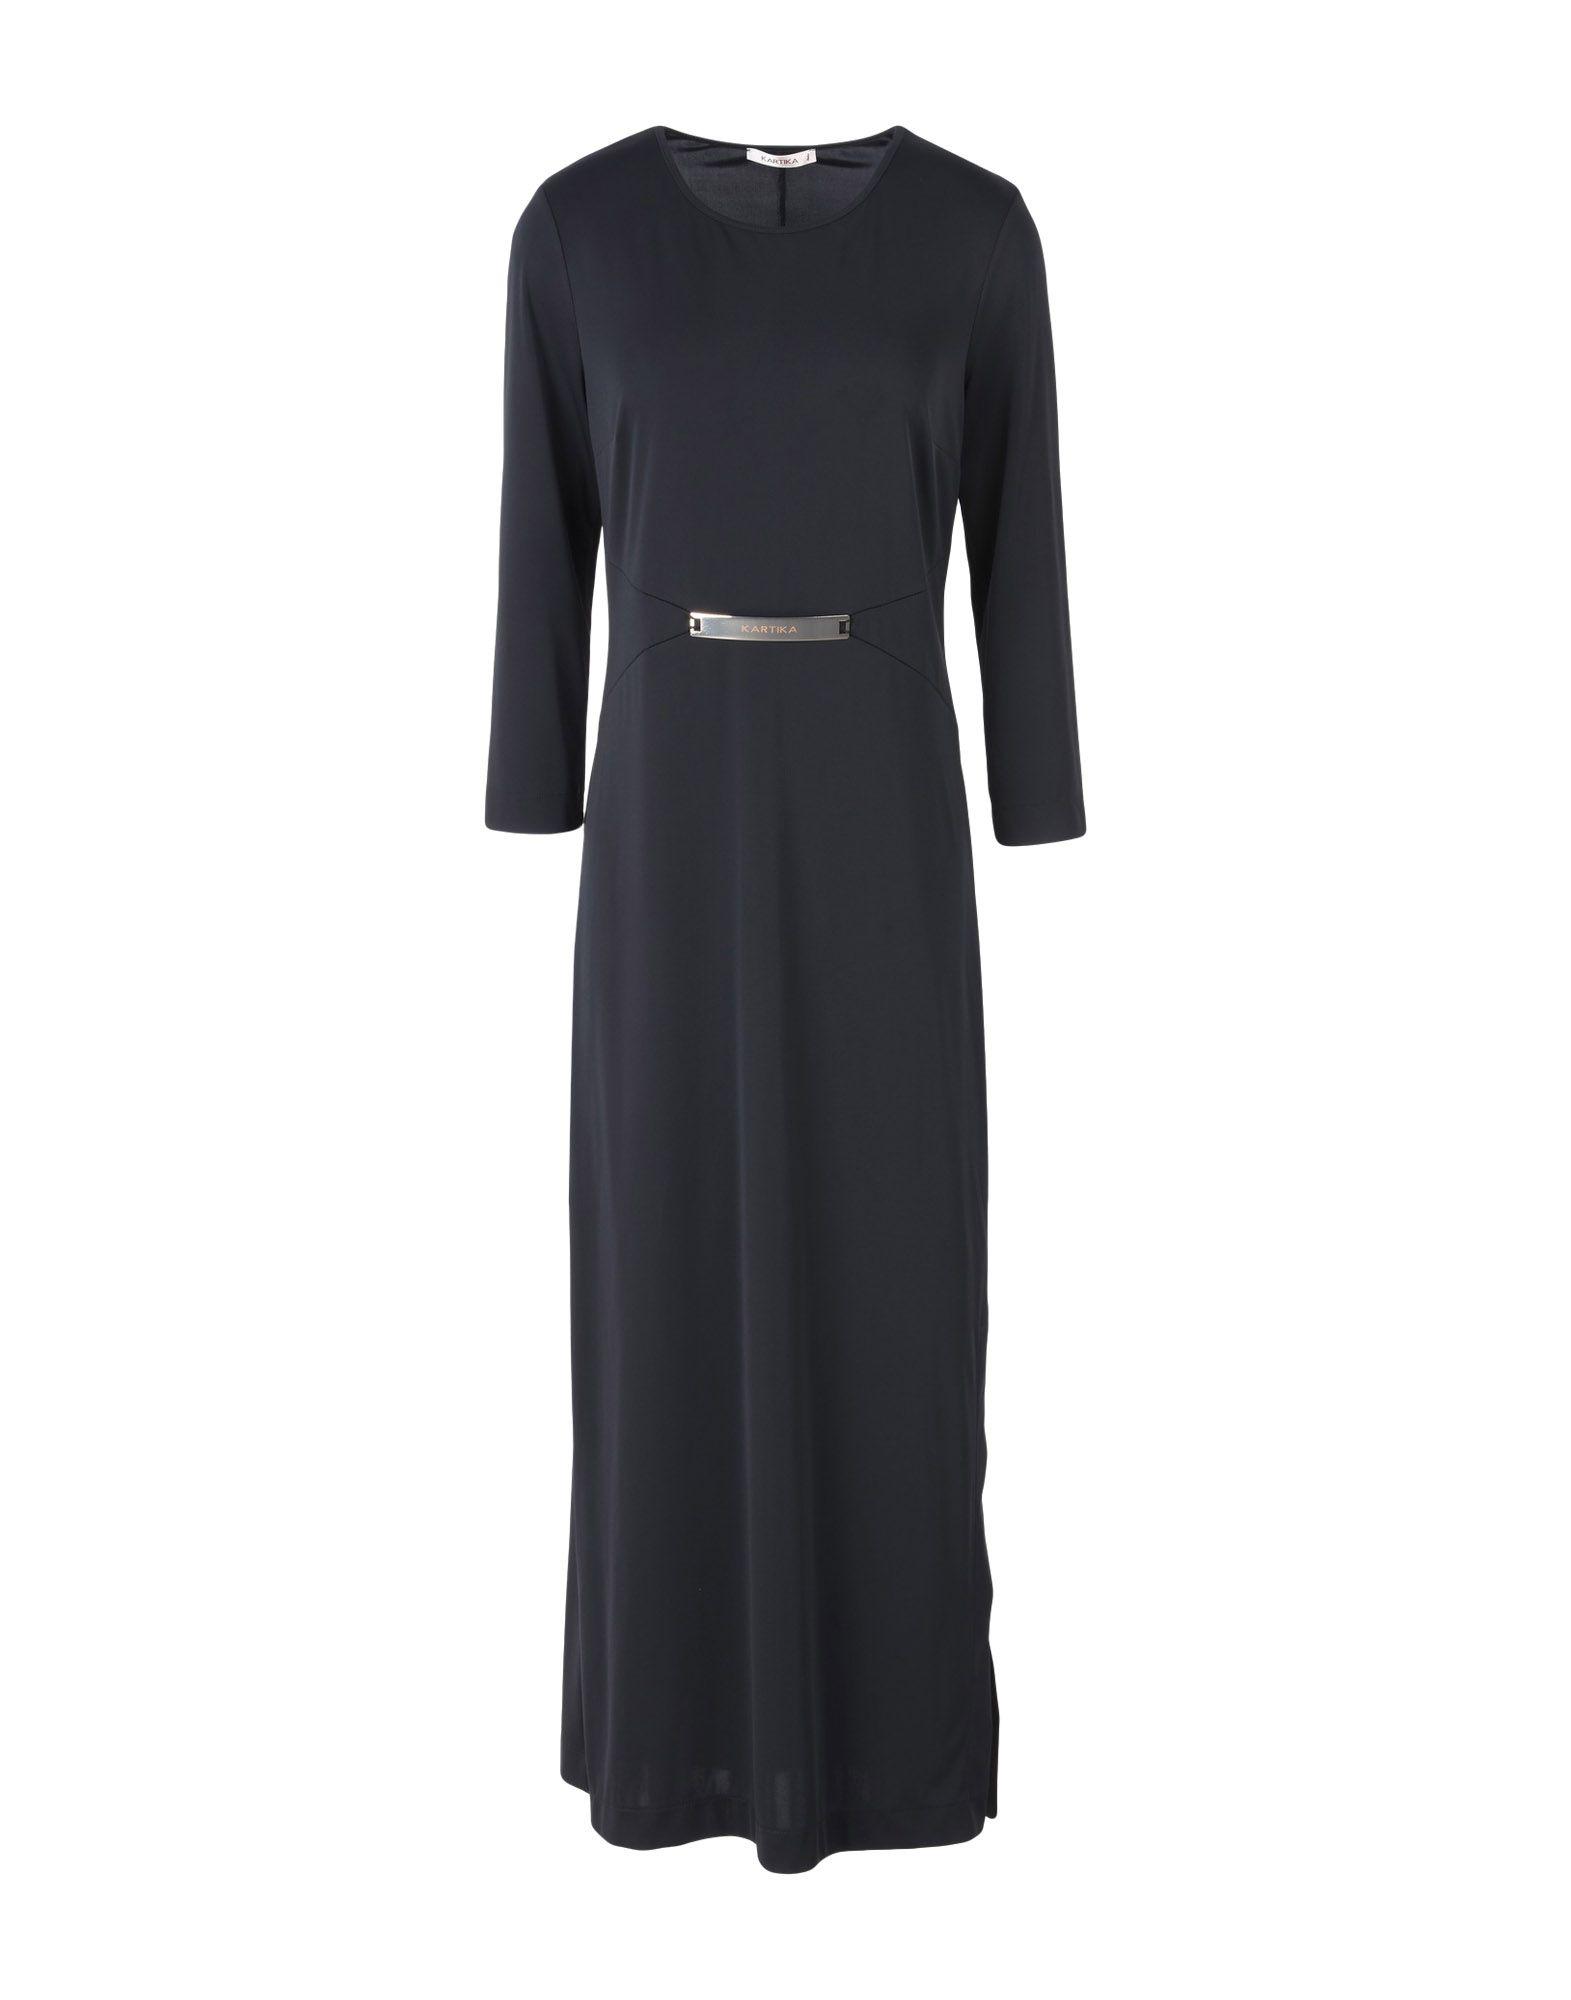 KARTIKA Платье длиной 3/4 topshop платье длиной 3 4